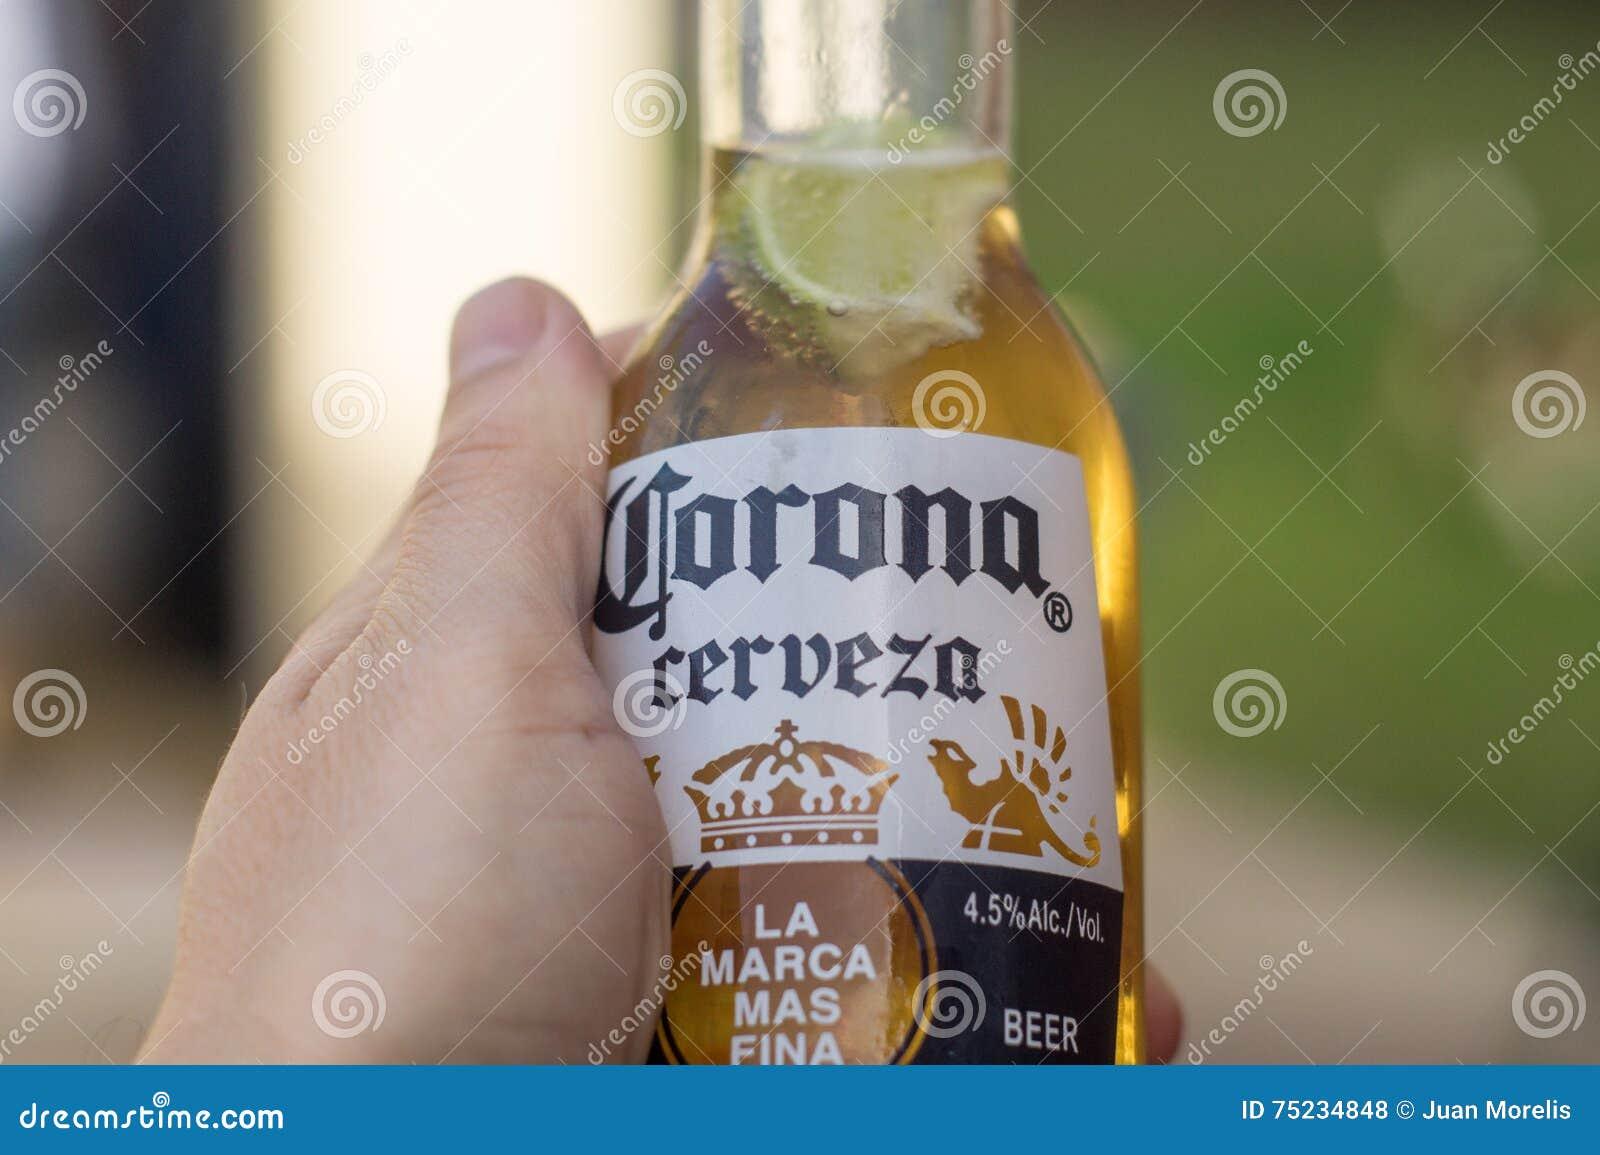 Commercial de cerveza corona 2018 sweepstakes